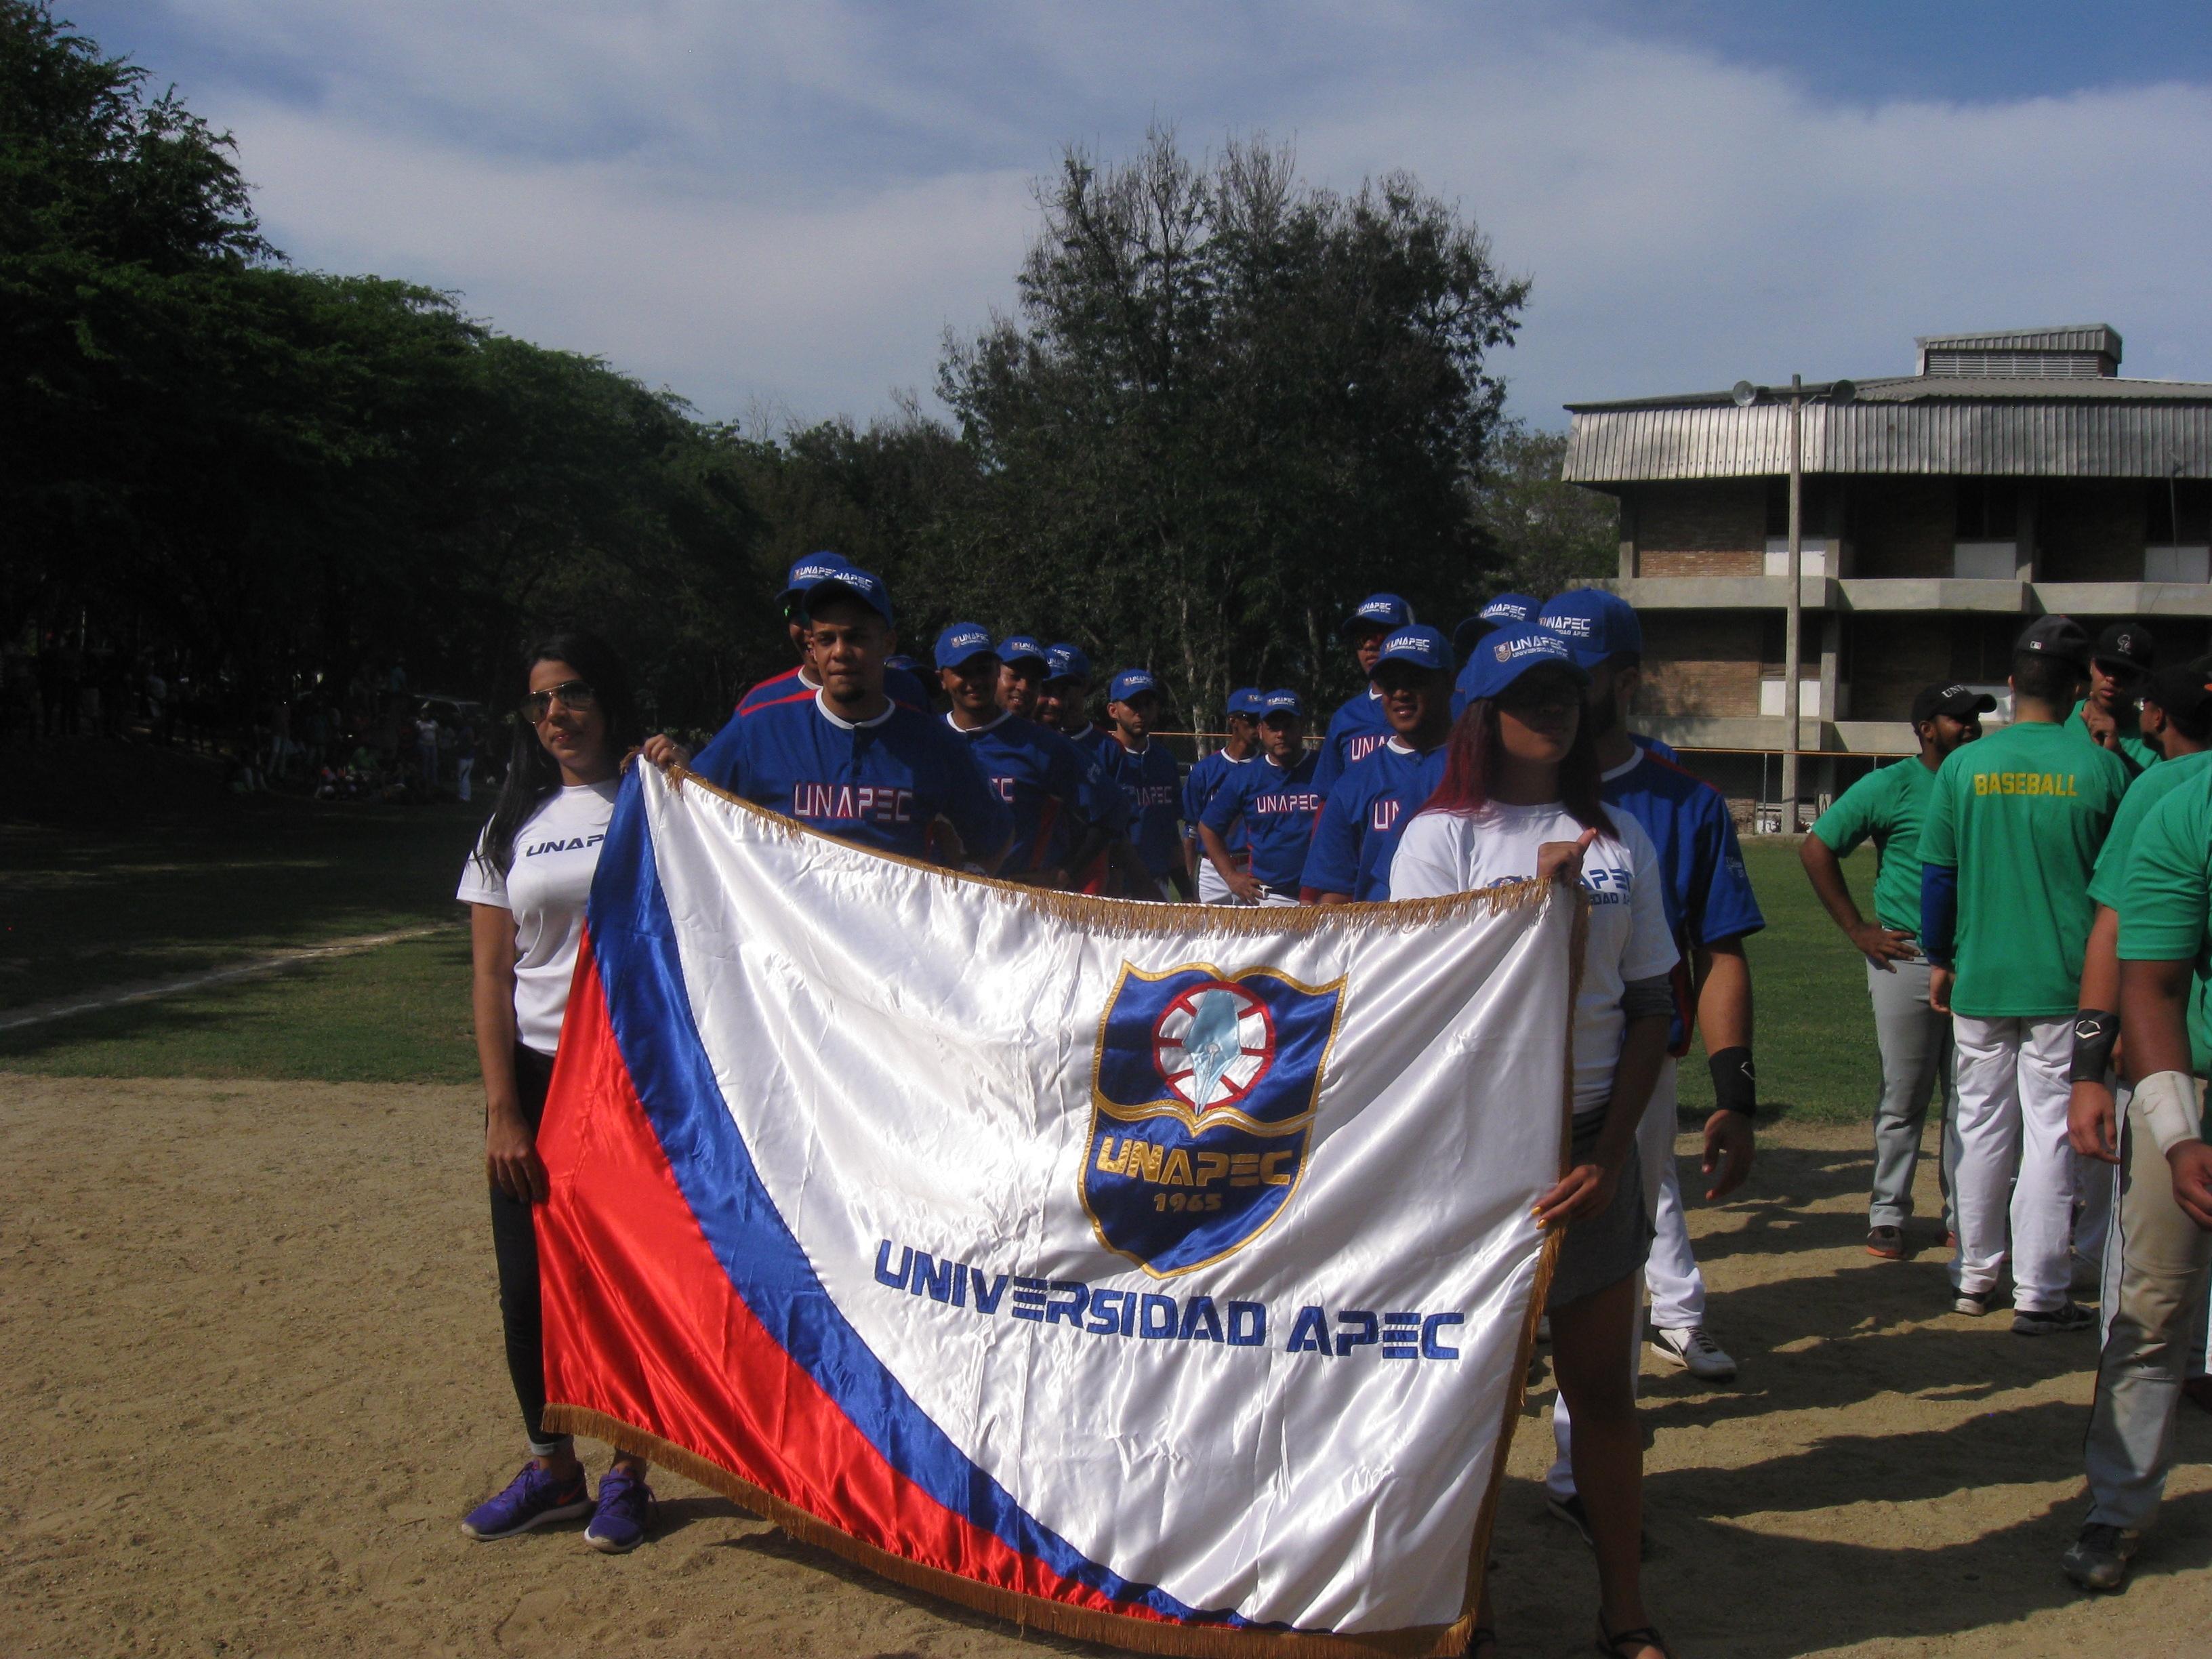 8vo Torneo Nacional de Softball Chata Universitario